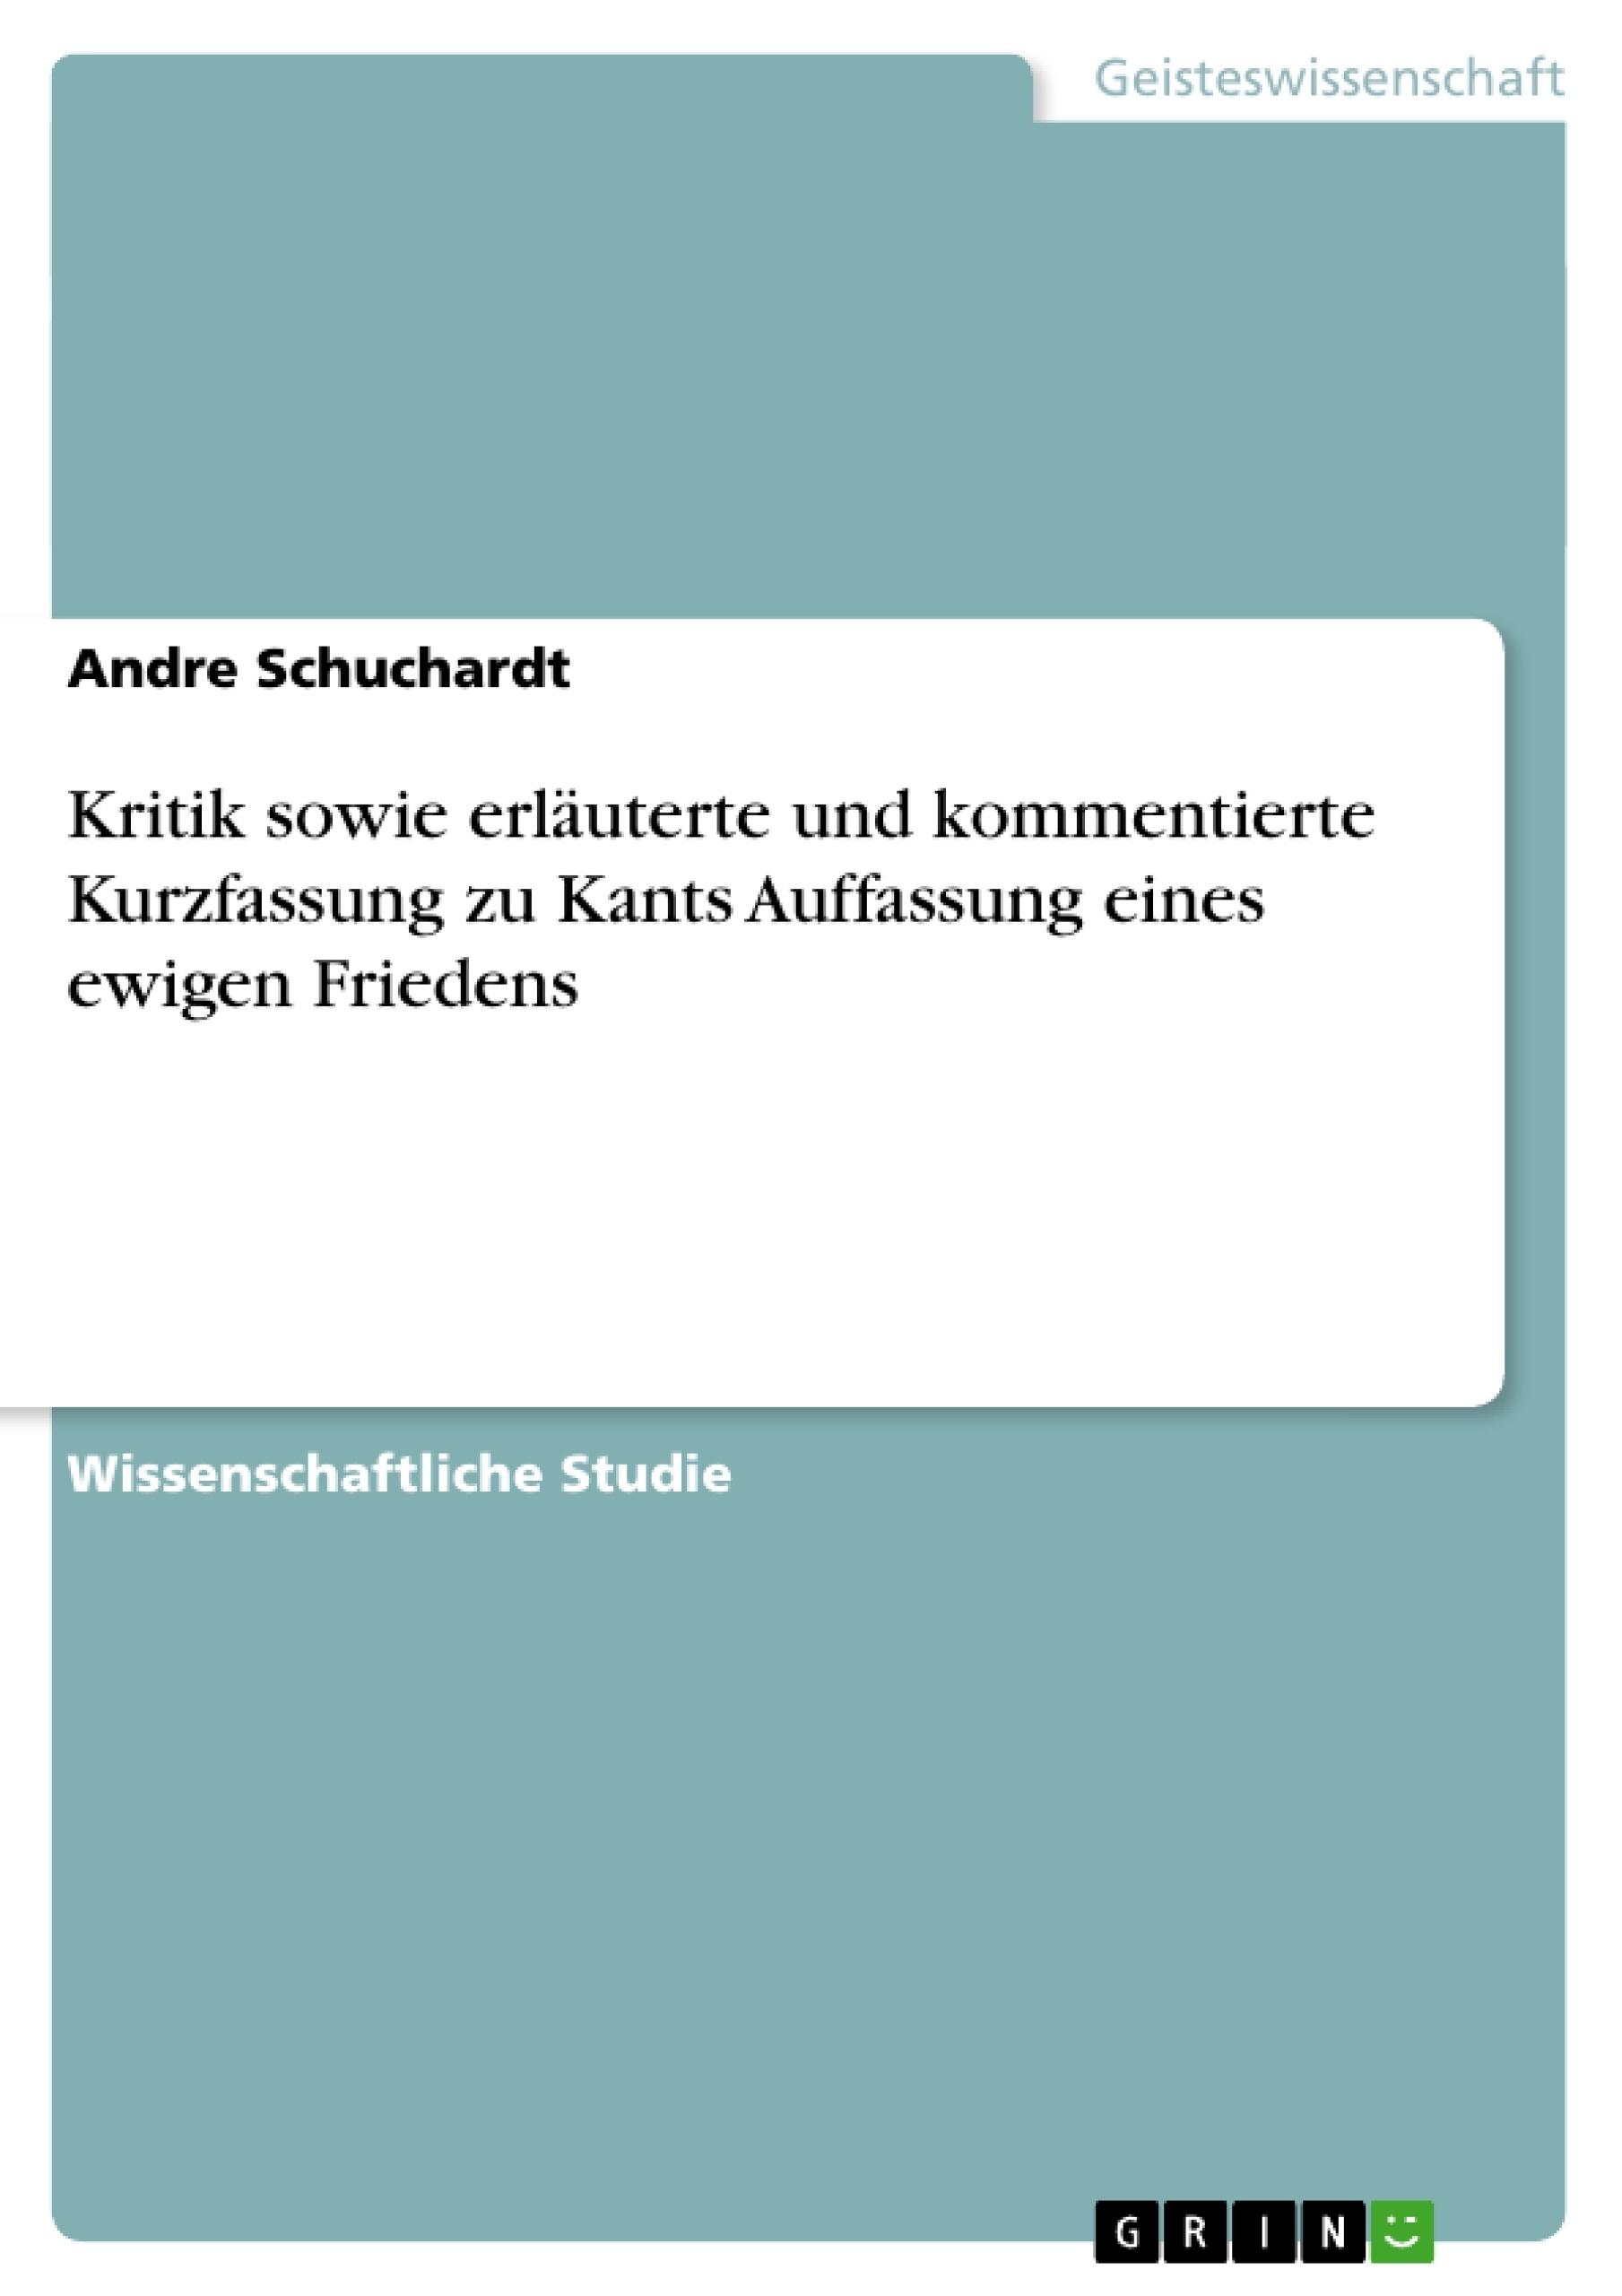 Titel: Kritik sowie erläuterte und kommentierte Kurzfassung zu Kants Auffassung eines ewigen Friedens